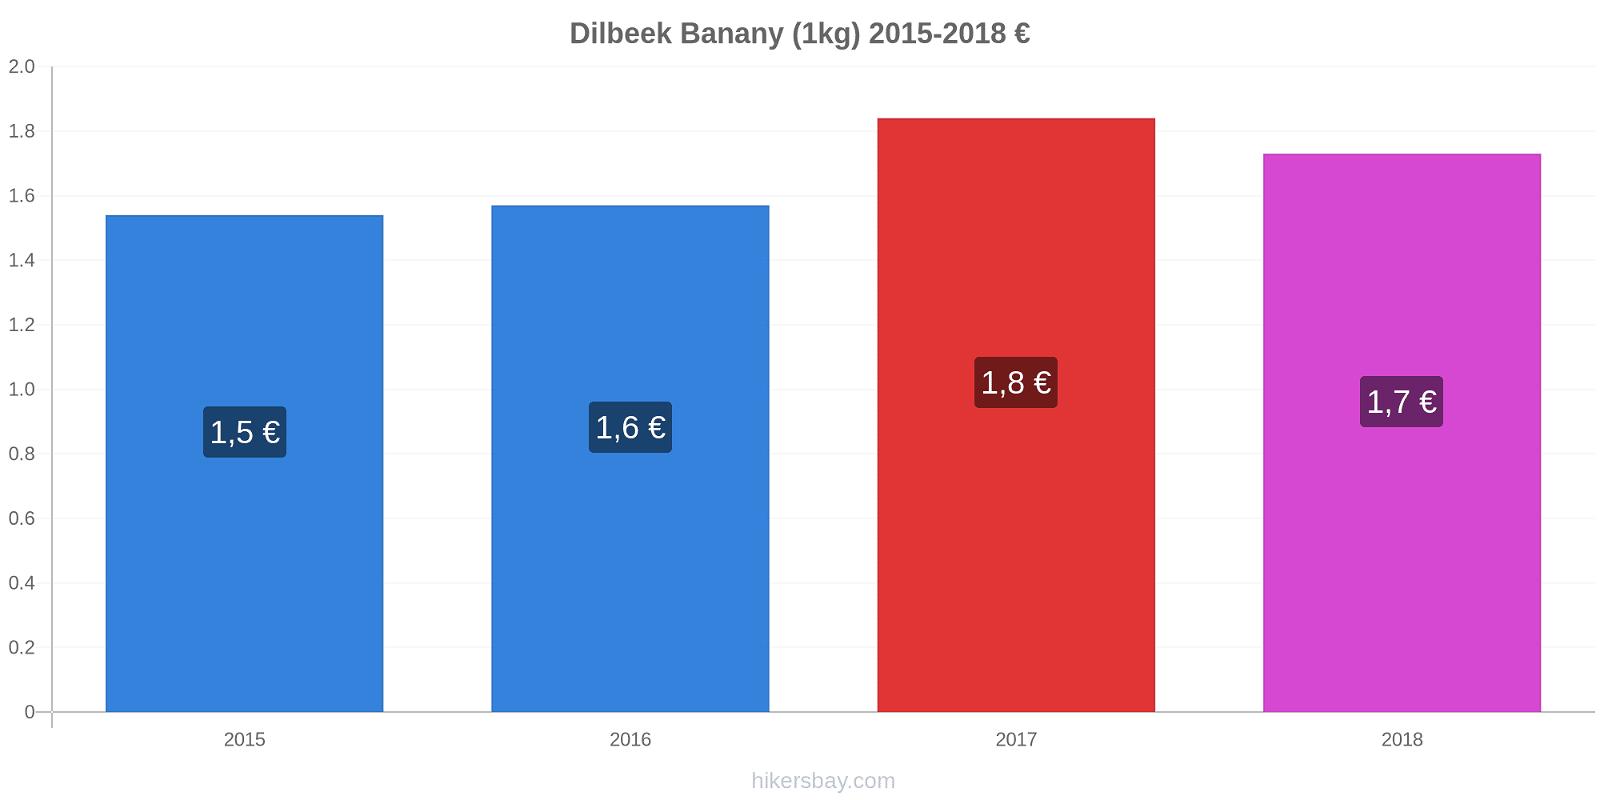 Dilbeek zmiany cen Banany (1kg) hikersbay.com